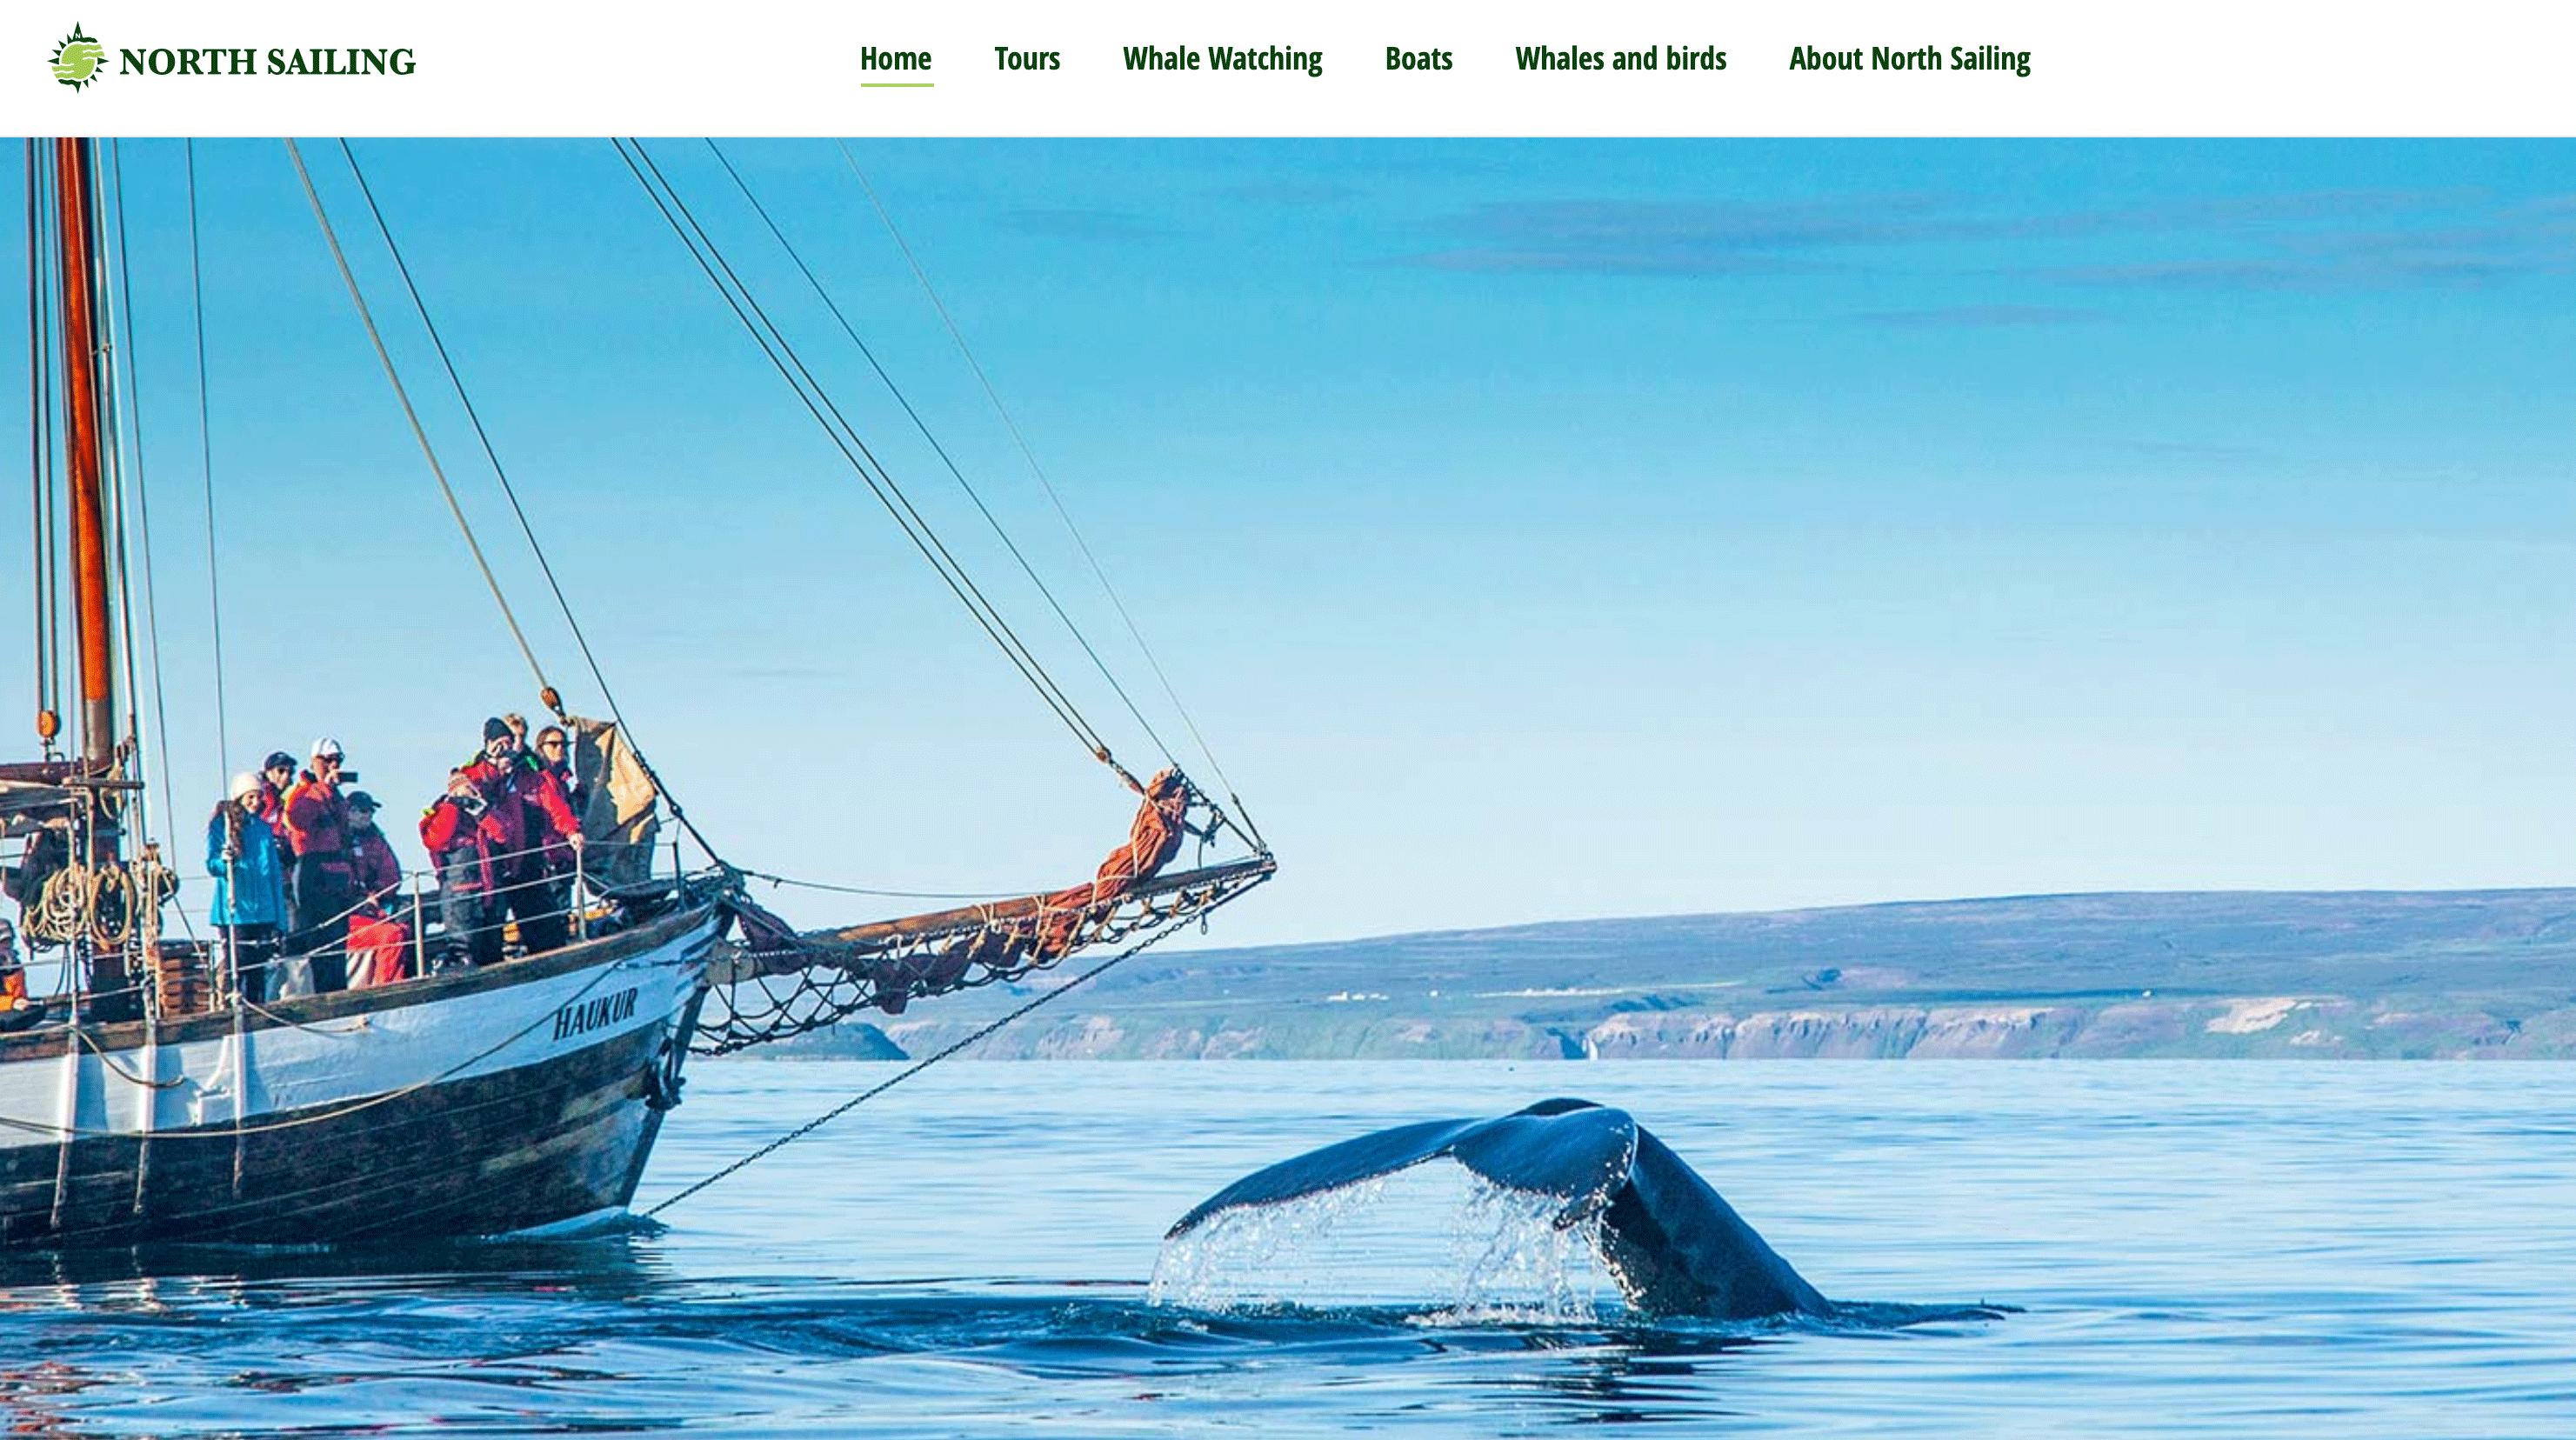 在这家网站上订购的观鲸之旅看到了地球史上最大的动物--蓝鲸